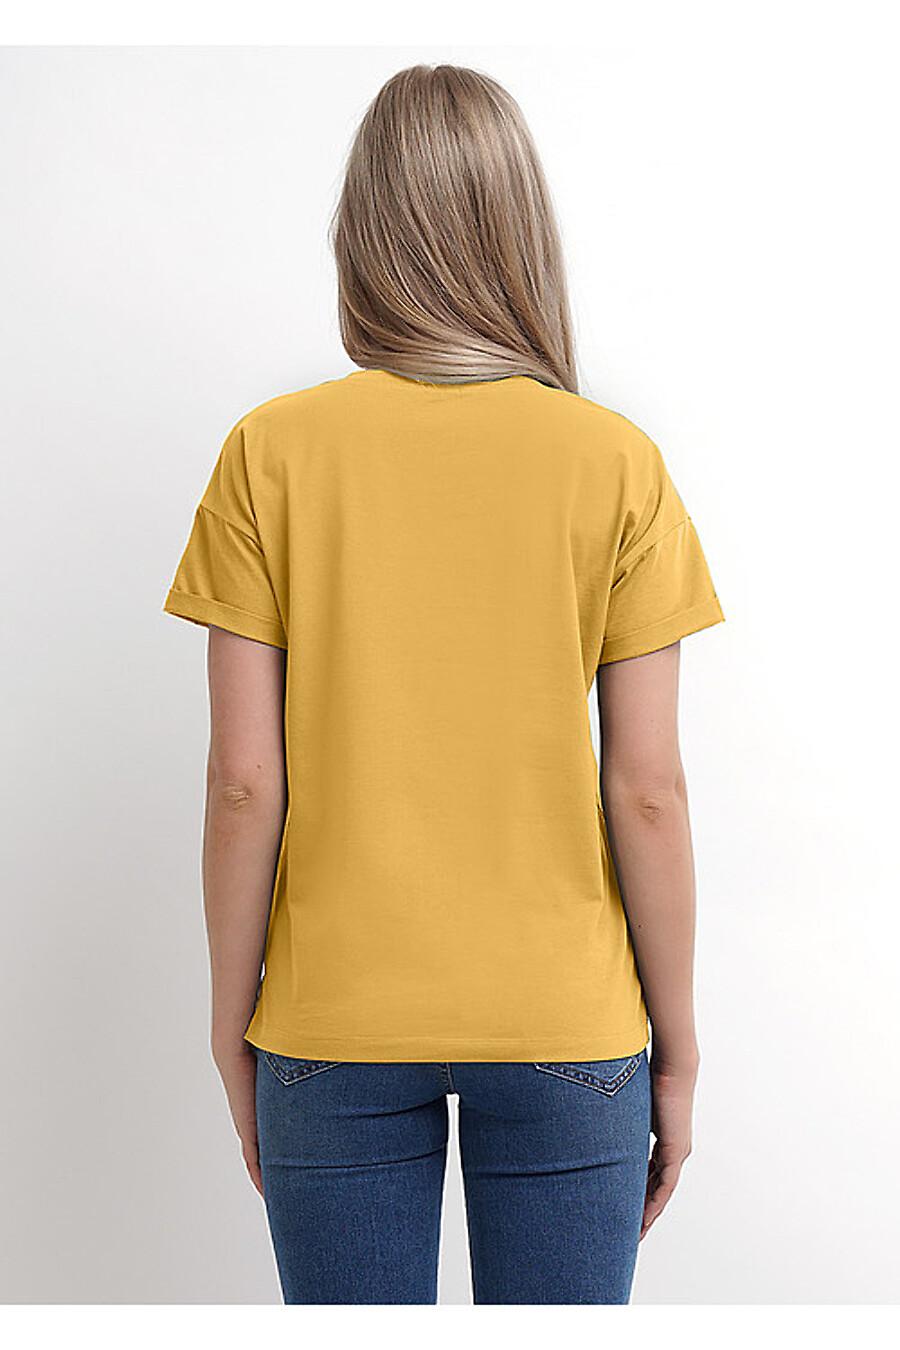 Футболка для женщин CLEVER 169285 купить оптом от производителя. Совместная покупка женской одежды в OptMoyo